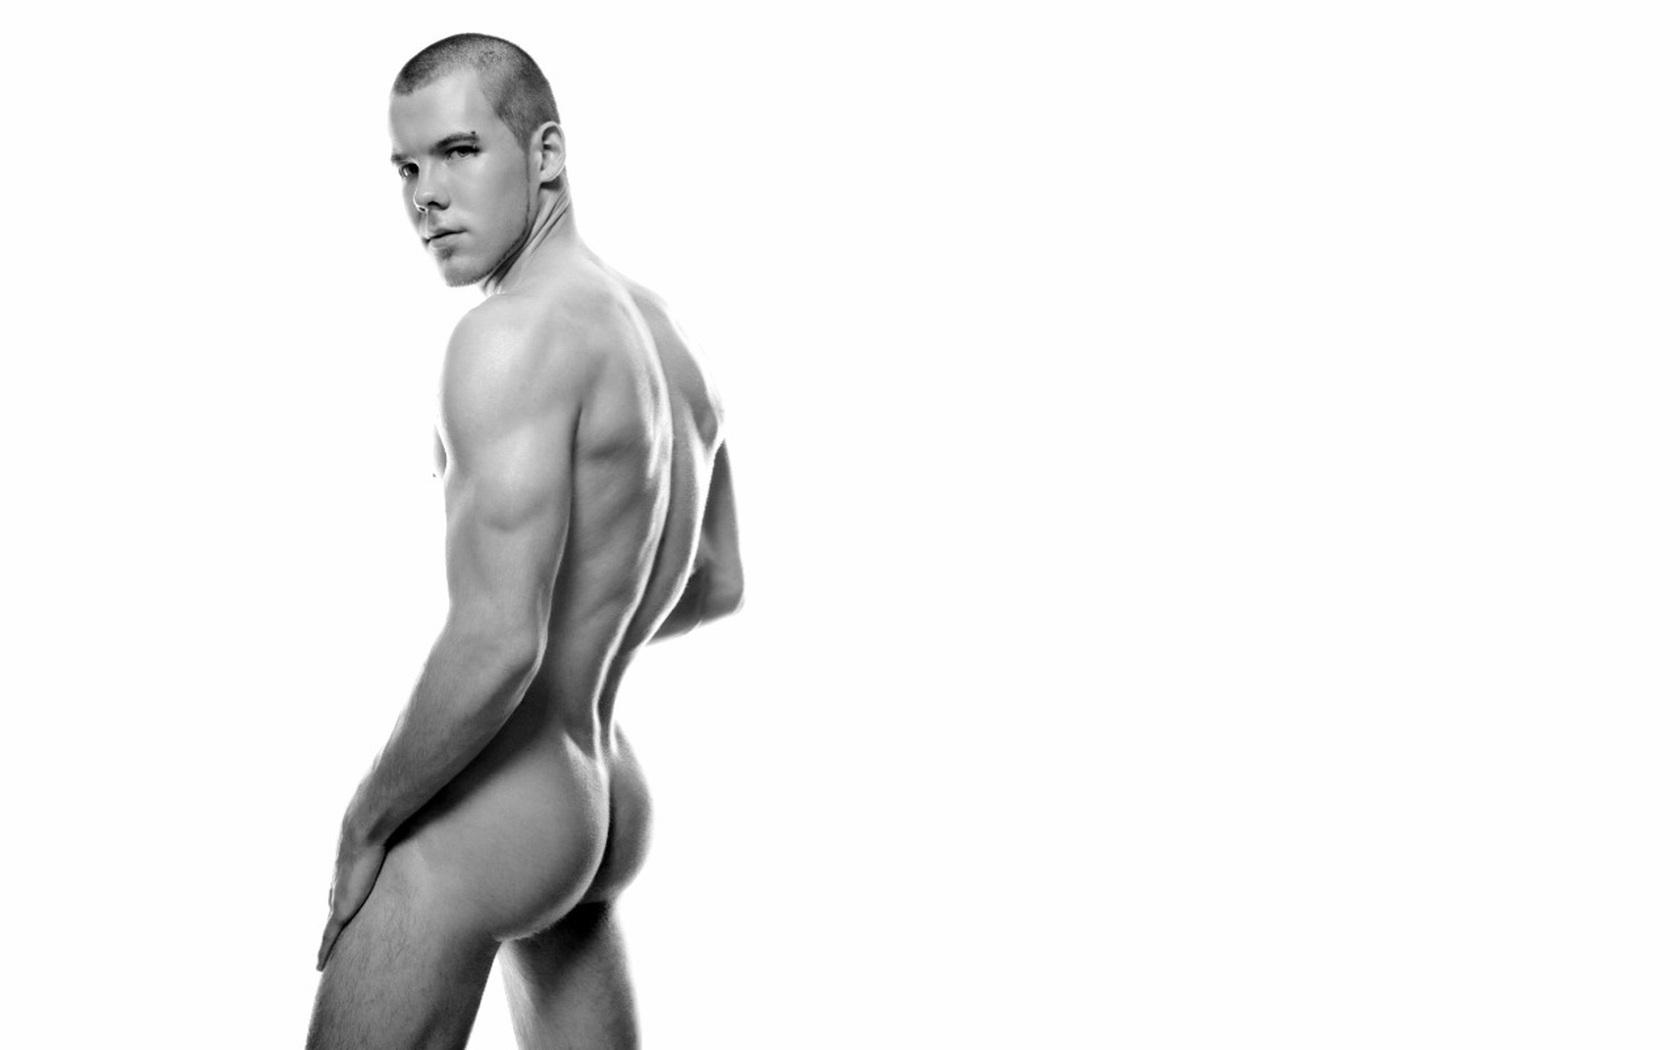 Nude jocks free